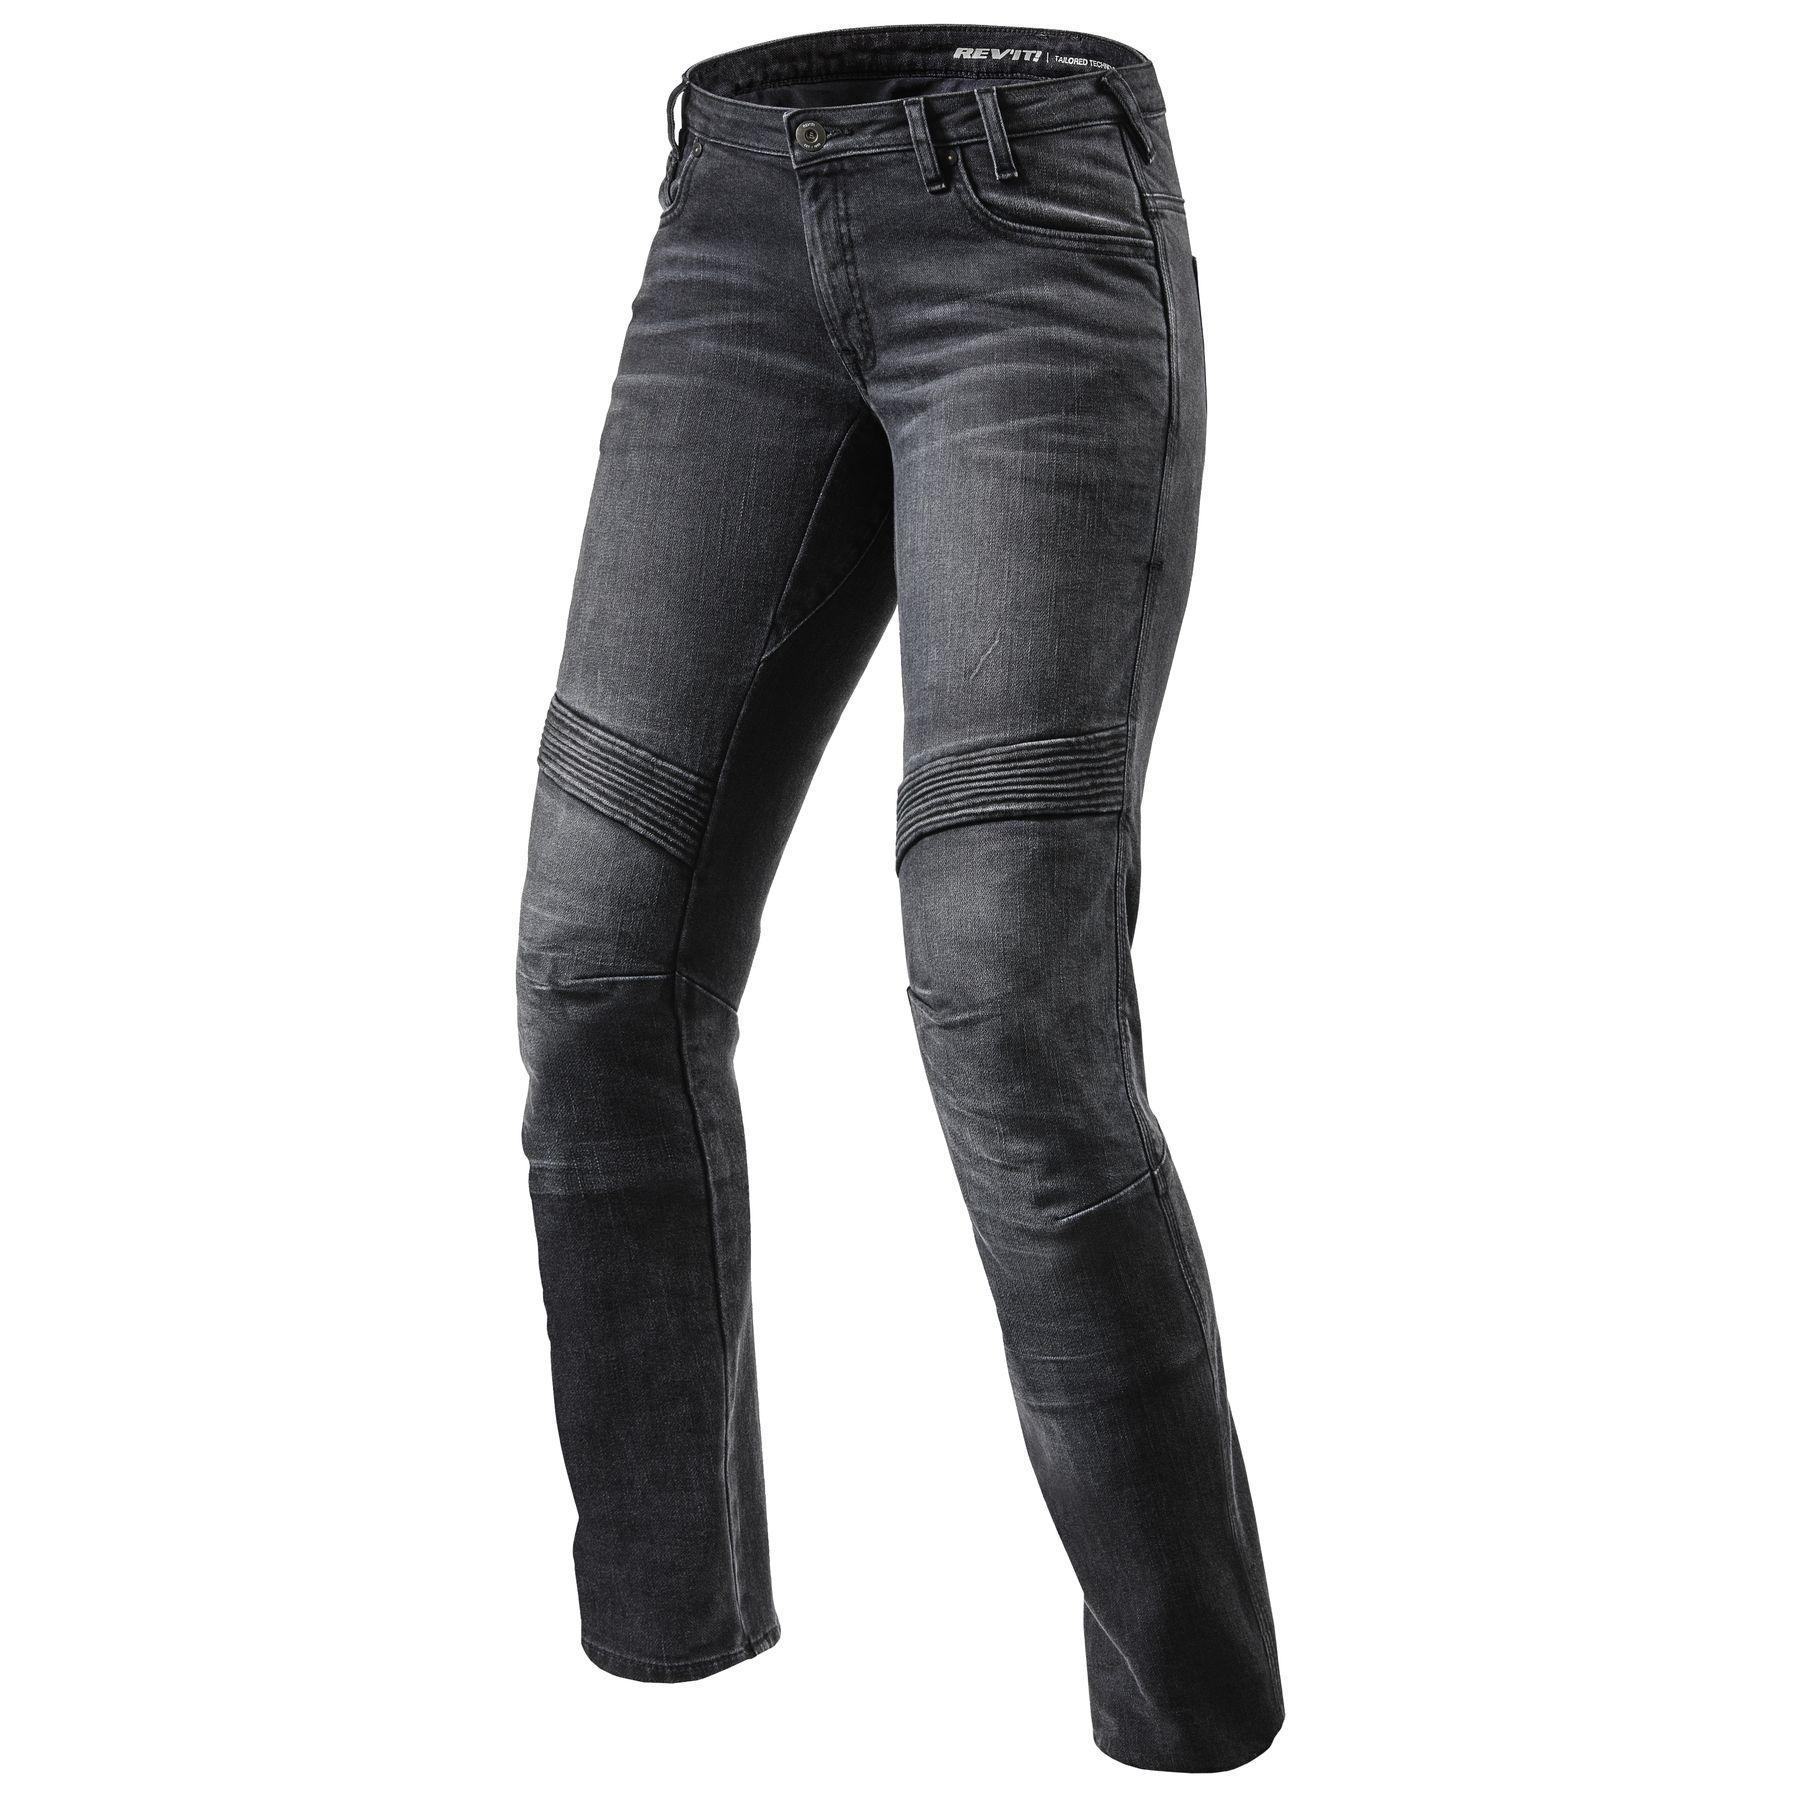 REV'IT! Moto Women's Jeans - RevZilla